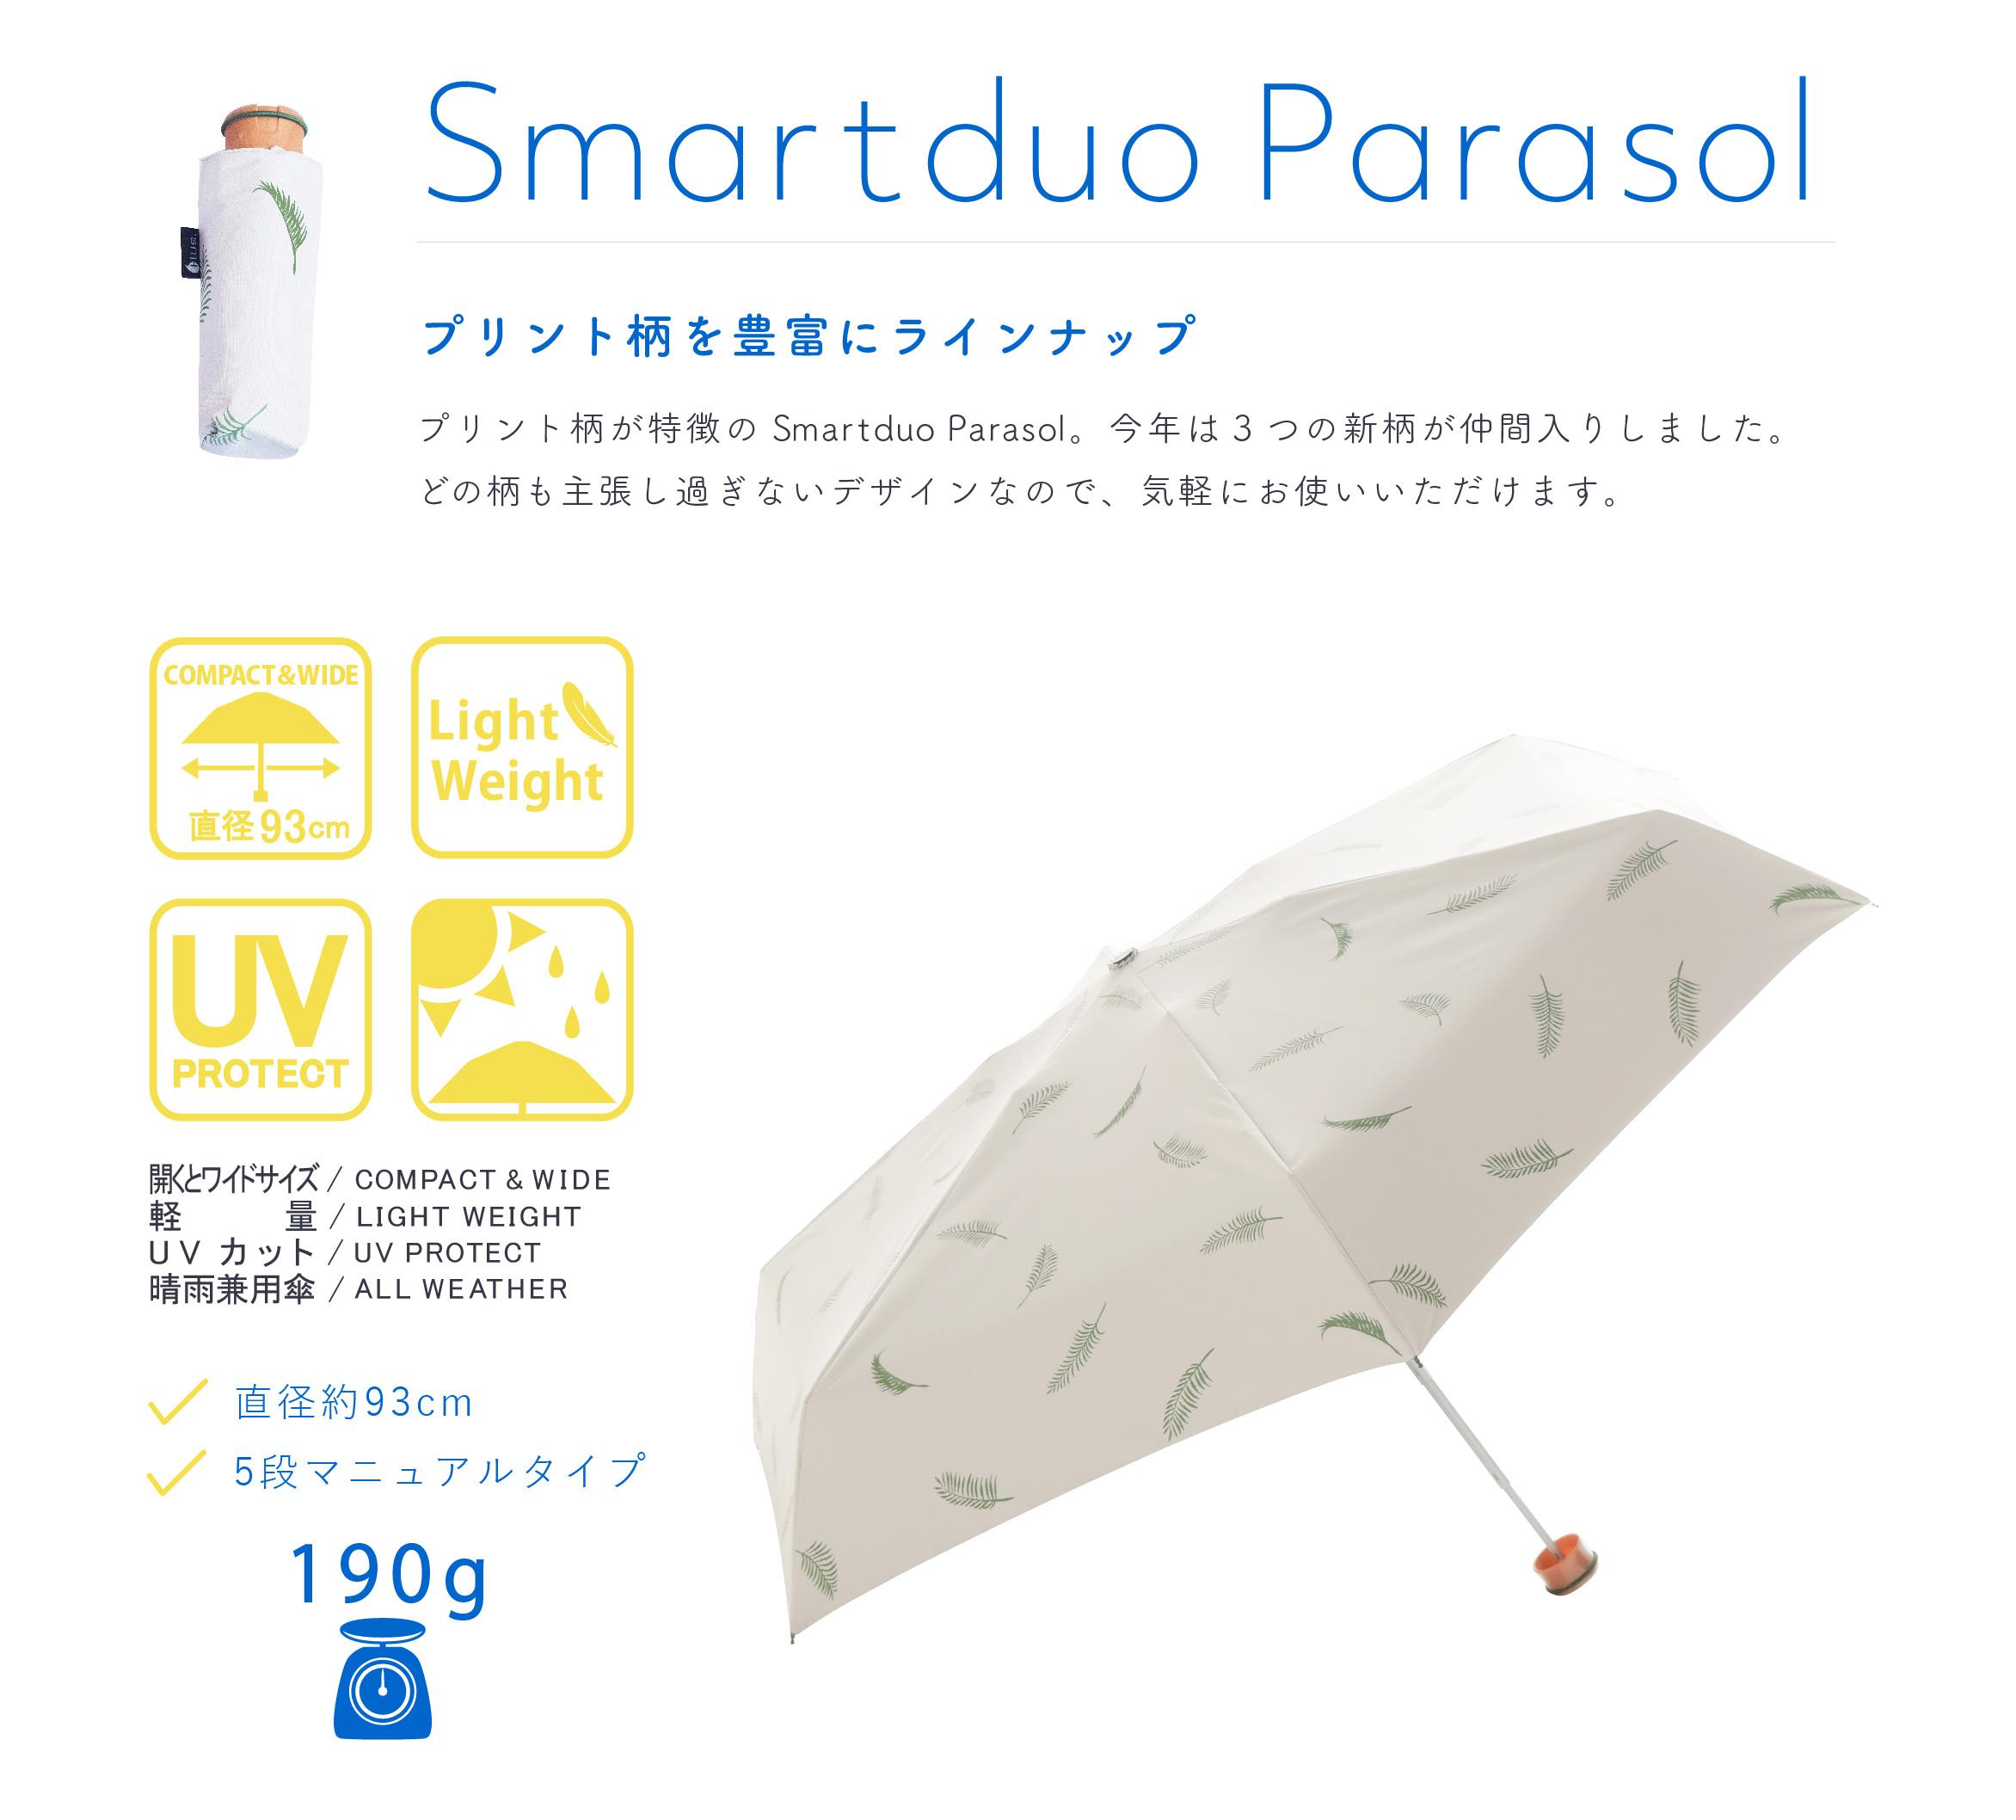 SmartduoParasol